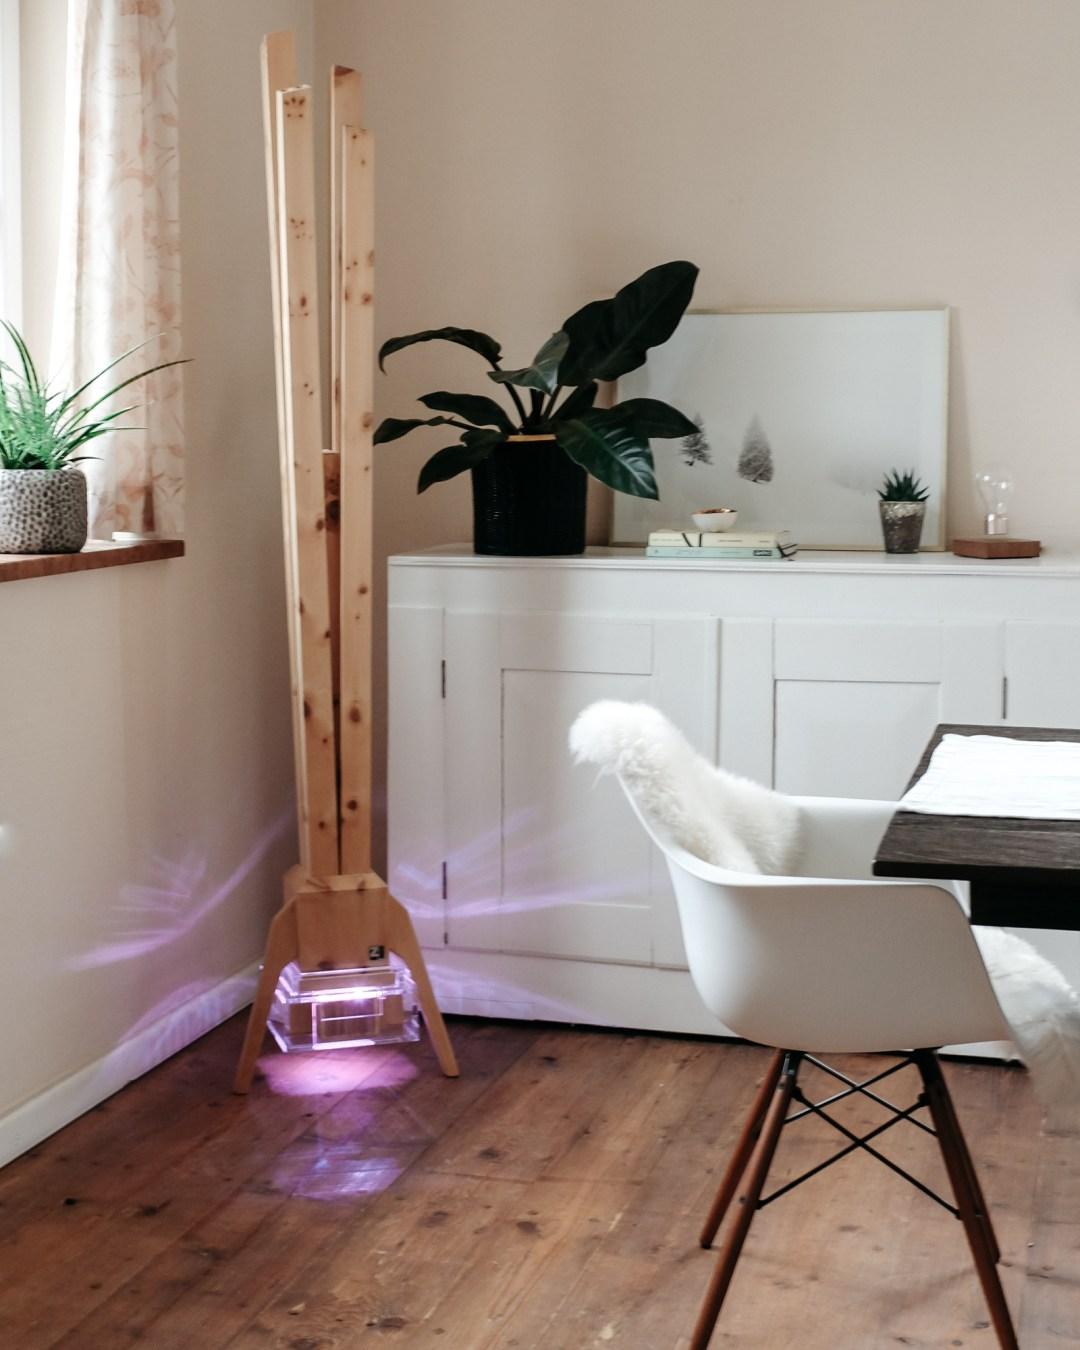 inastil, zirbenluefter, interiordesign, wooddesign, raumklima, zirbe, luxeryhome, lifestyle, wohnideen, wohlfühlen, lifestyle, woodkraft, wohnzimmer, schlafzimmer-12